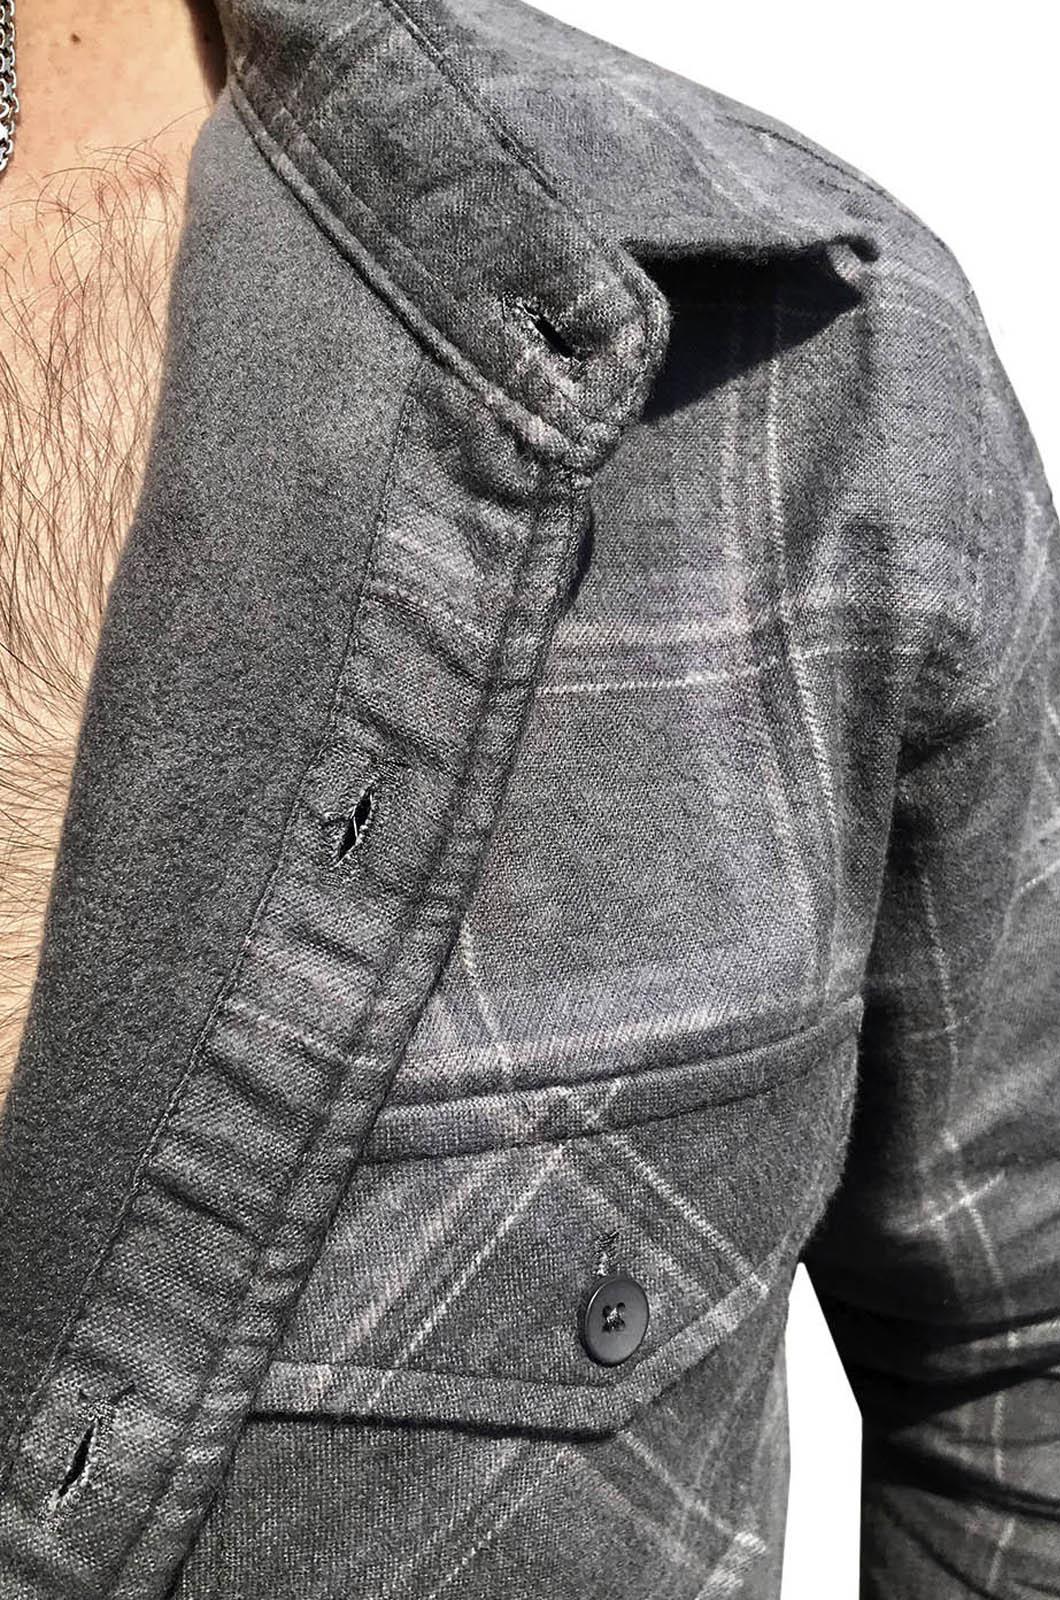 Мужская рубашка с нашивкой МЧПВ купить онлайн